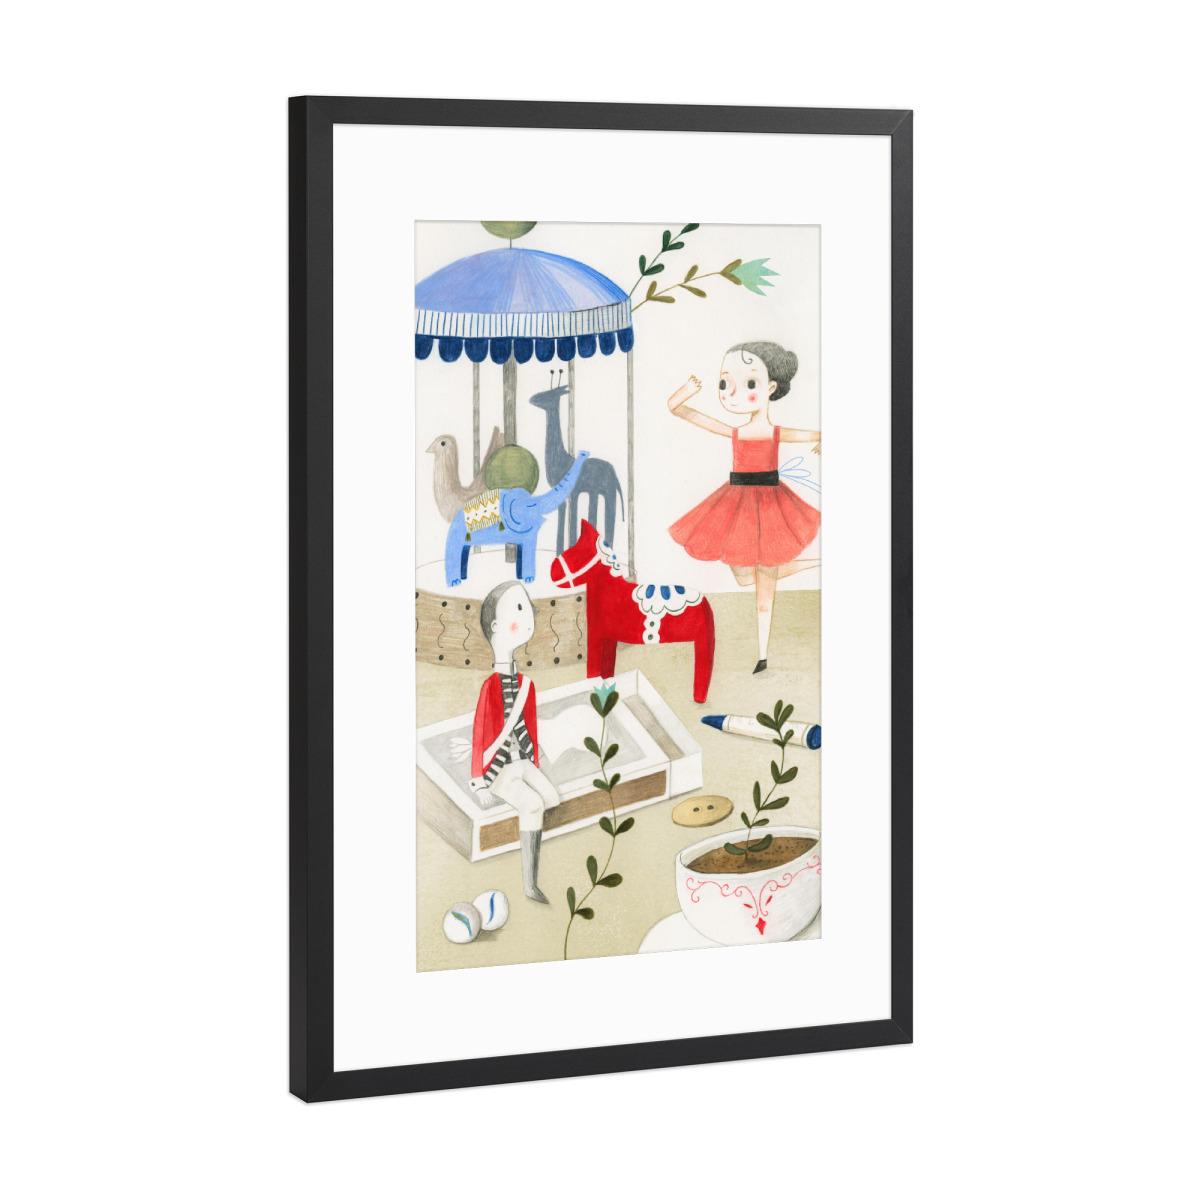 Die Ballerina und der Zinnsoldat als Gerahmt bei artboxONE kaufen